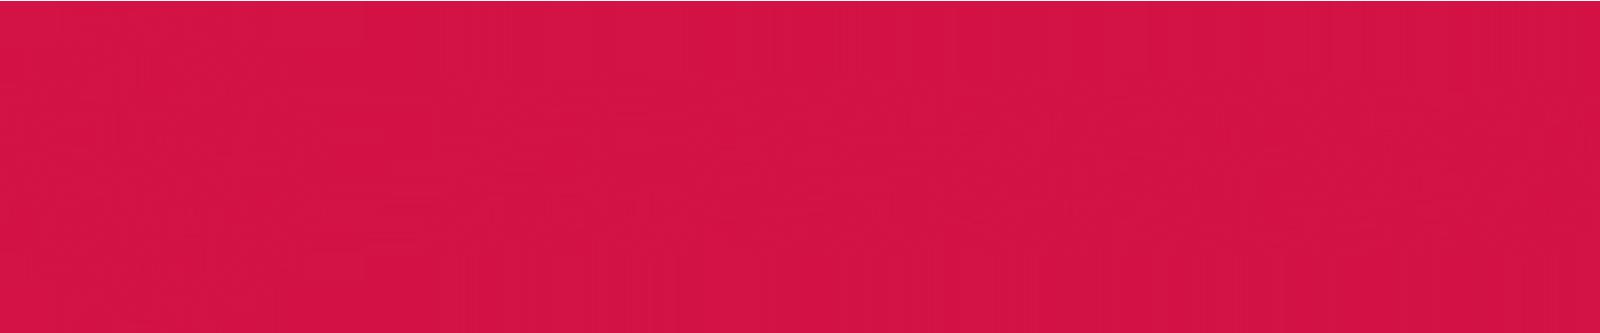 Zuidberg Frontline Logo Diap Pngkopie